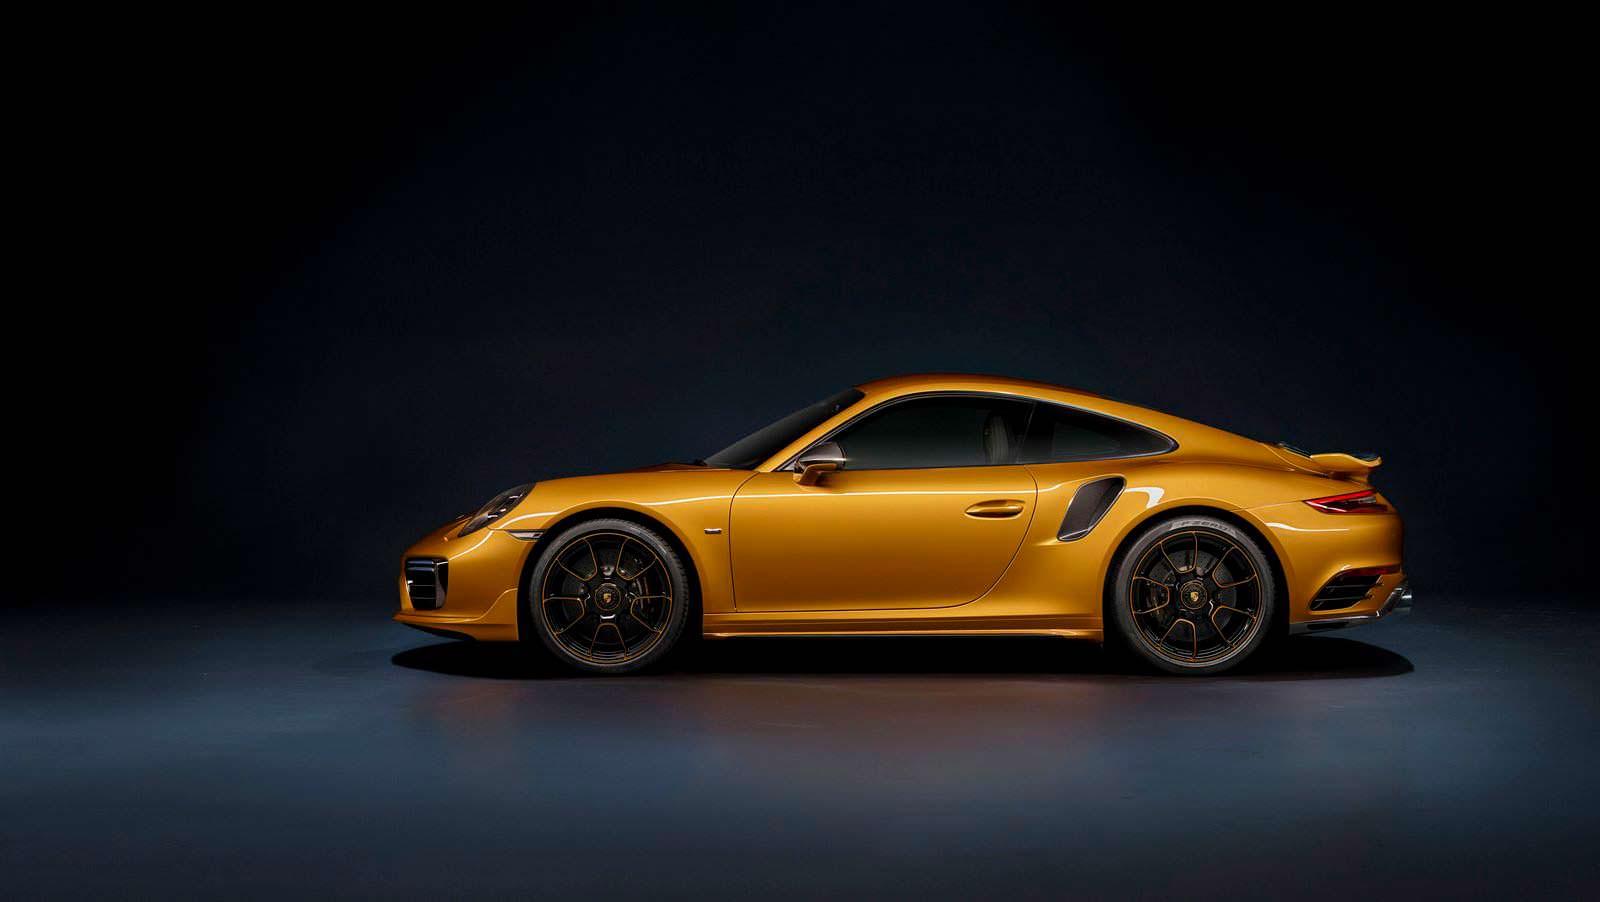 Porsche 911 Turbo S Exclusive Golden Yellow